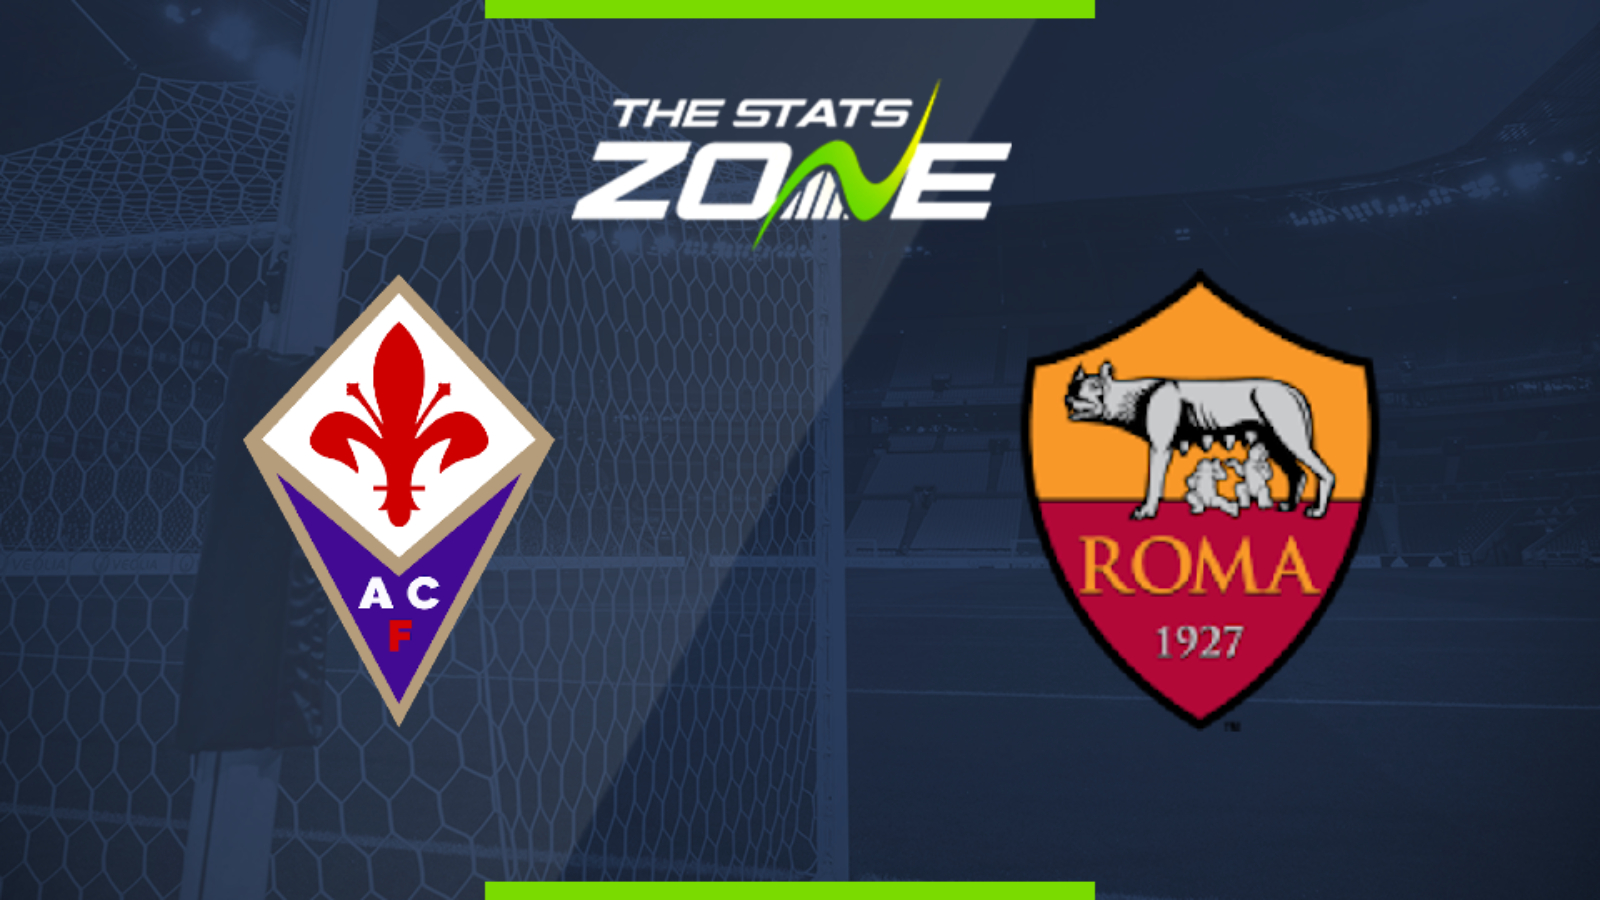 2019-20 Serie A – Fiorentina vs Roma Preview & Prediction